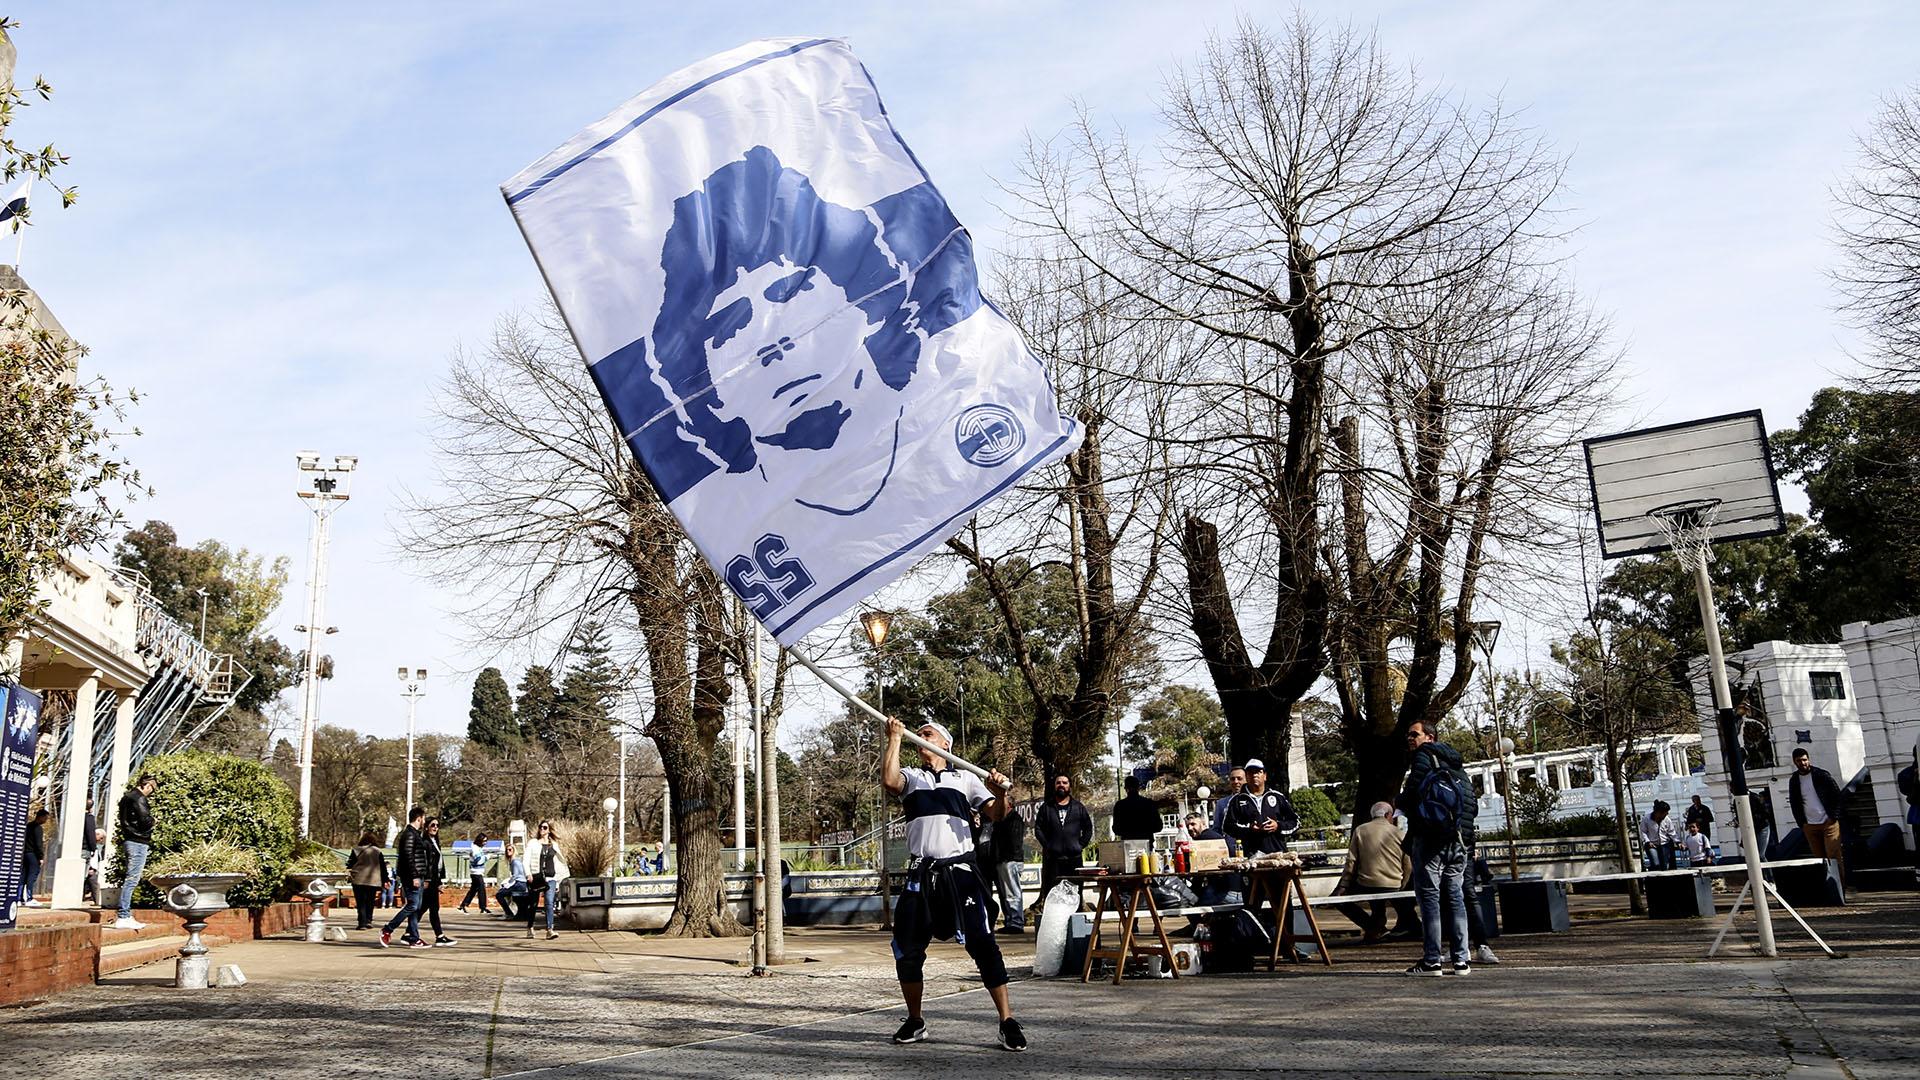 Banderas flameando para recibir al técnico debutante en el club